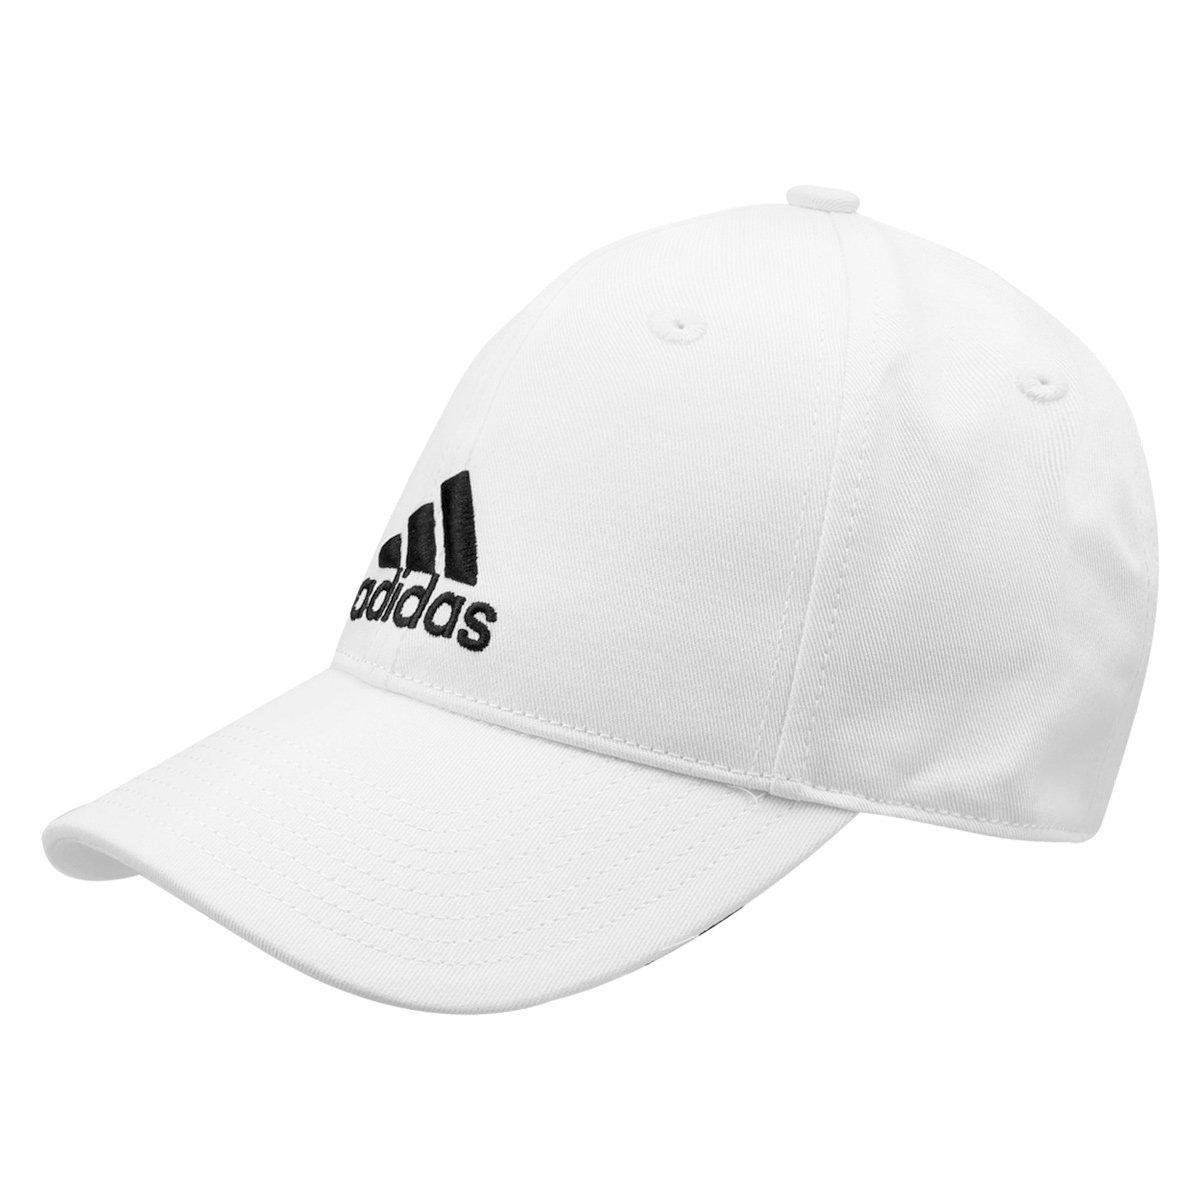 bf77482a6b09e Boné Adidas Aba Curva Essential Cotton Masculino - Compre Agora ...